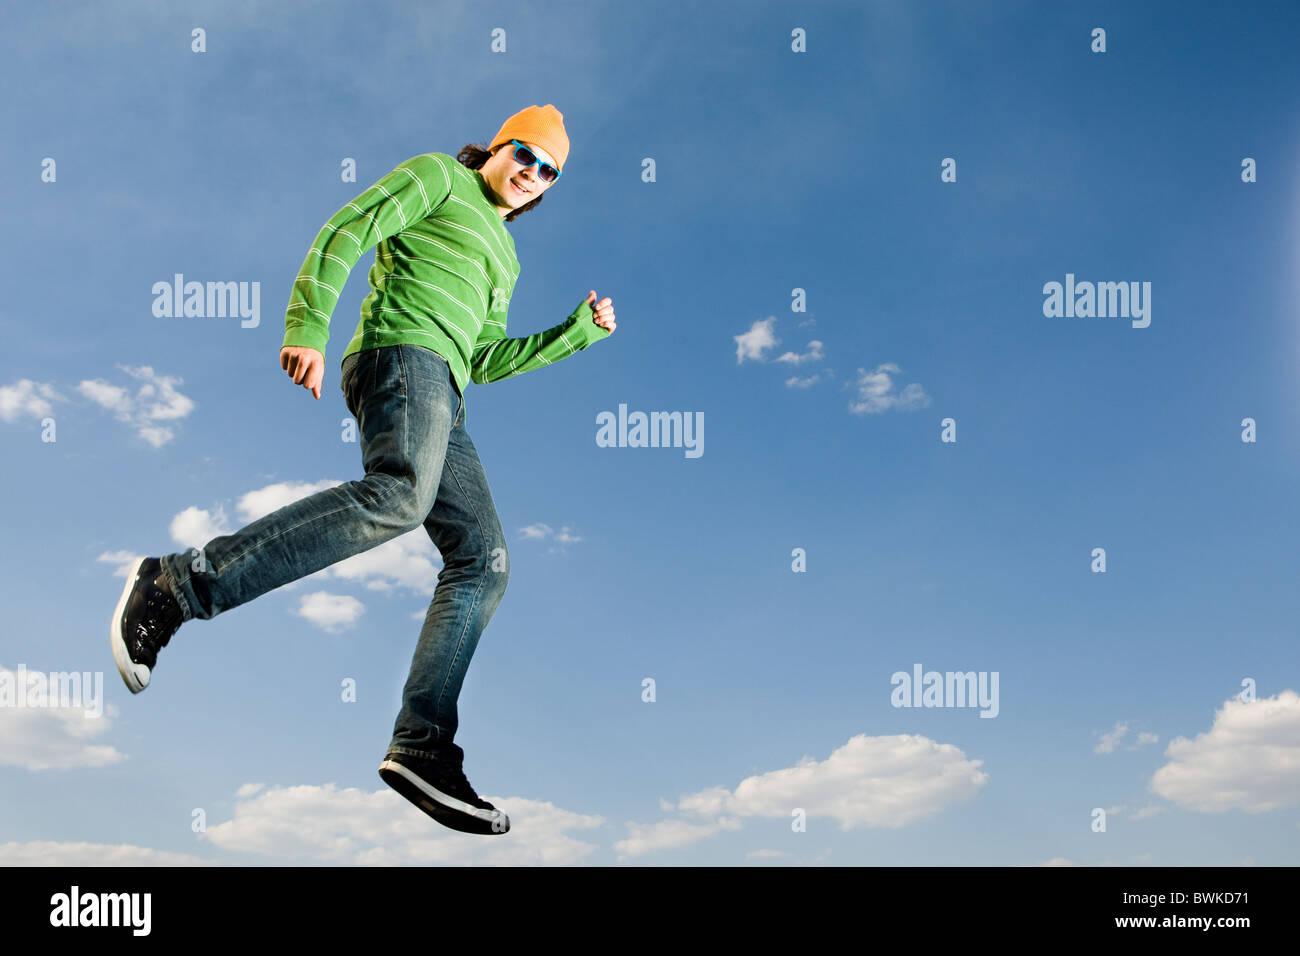 Imagen de hombre alegre en el salto de altura contra el brillante cielo azul Imagen De Stock